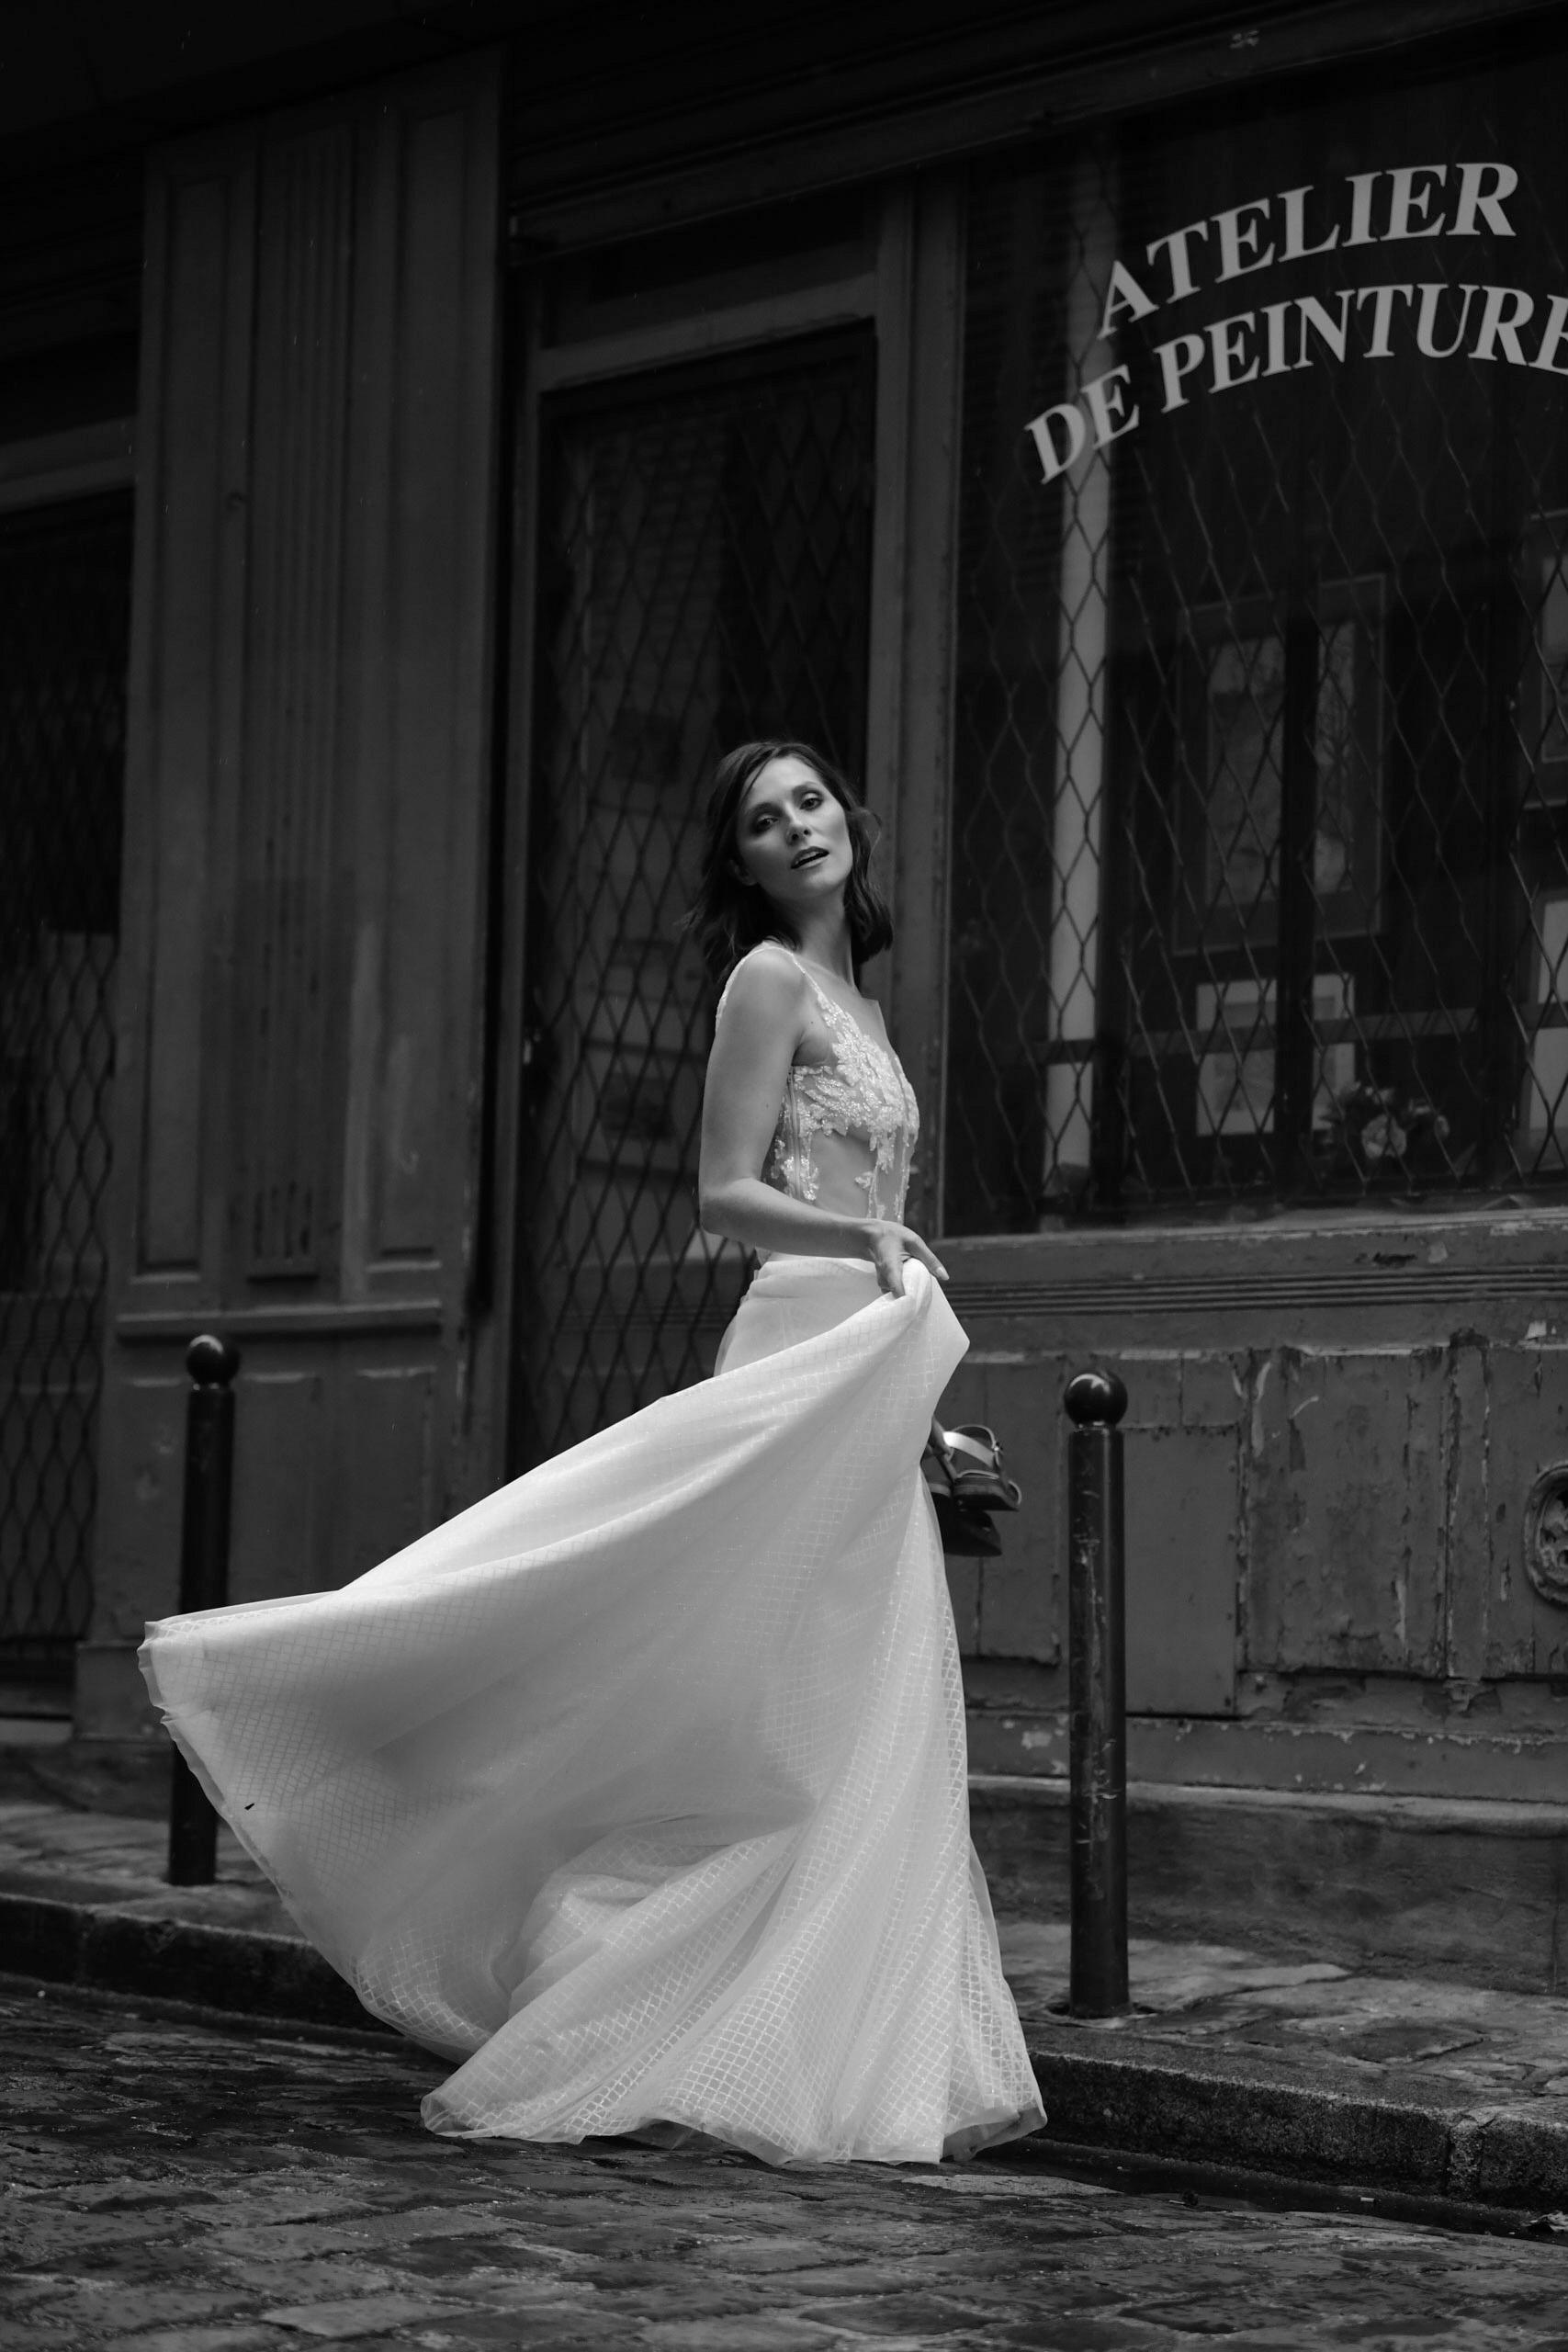 Eine brünette Frau trägt einen weißen Spitzenbody mit einem langen weißen Rock, während sie sich seitlich dreht.